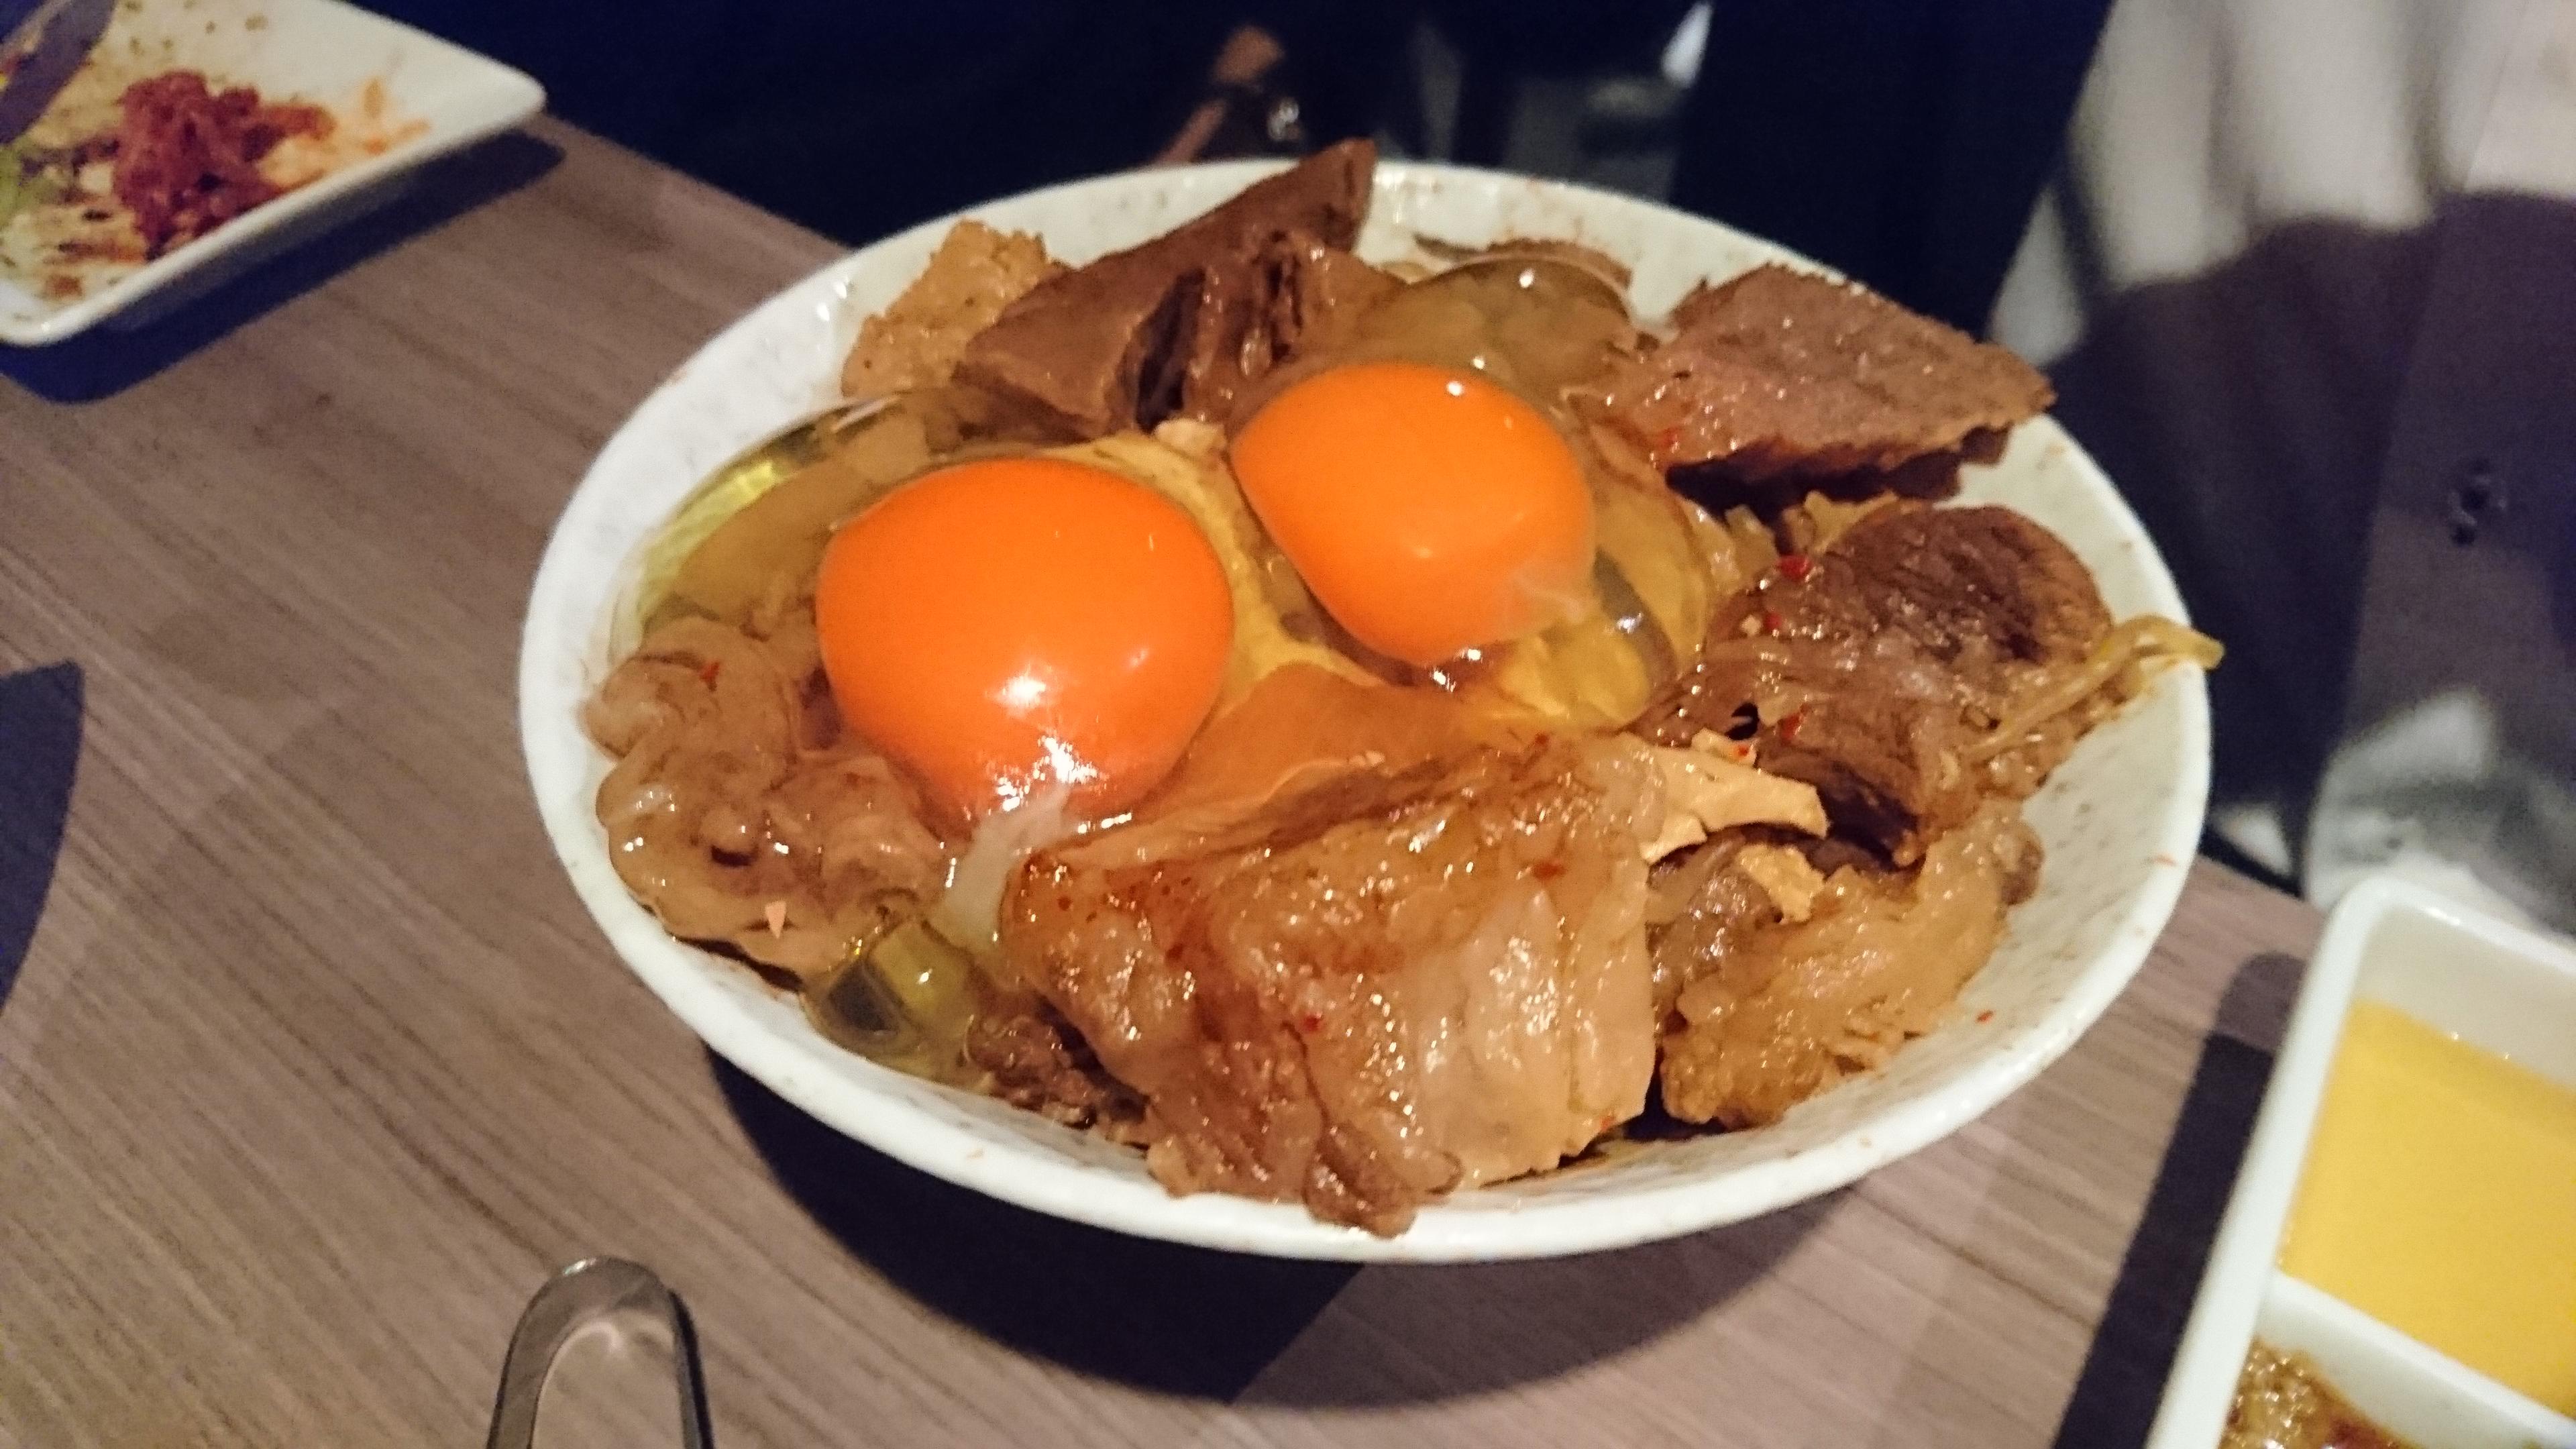 肉 x 日本酒 = 優勝。千駄木の「肉と日本酒」に行ってた話をしてなかったので新年早々載せておきますね